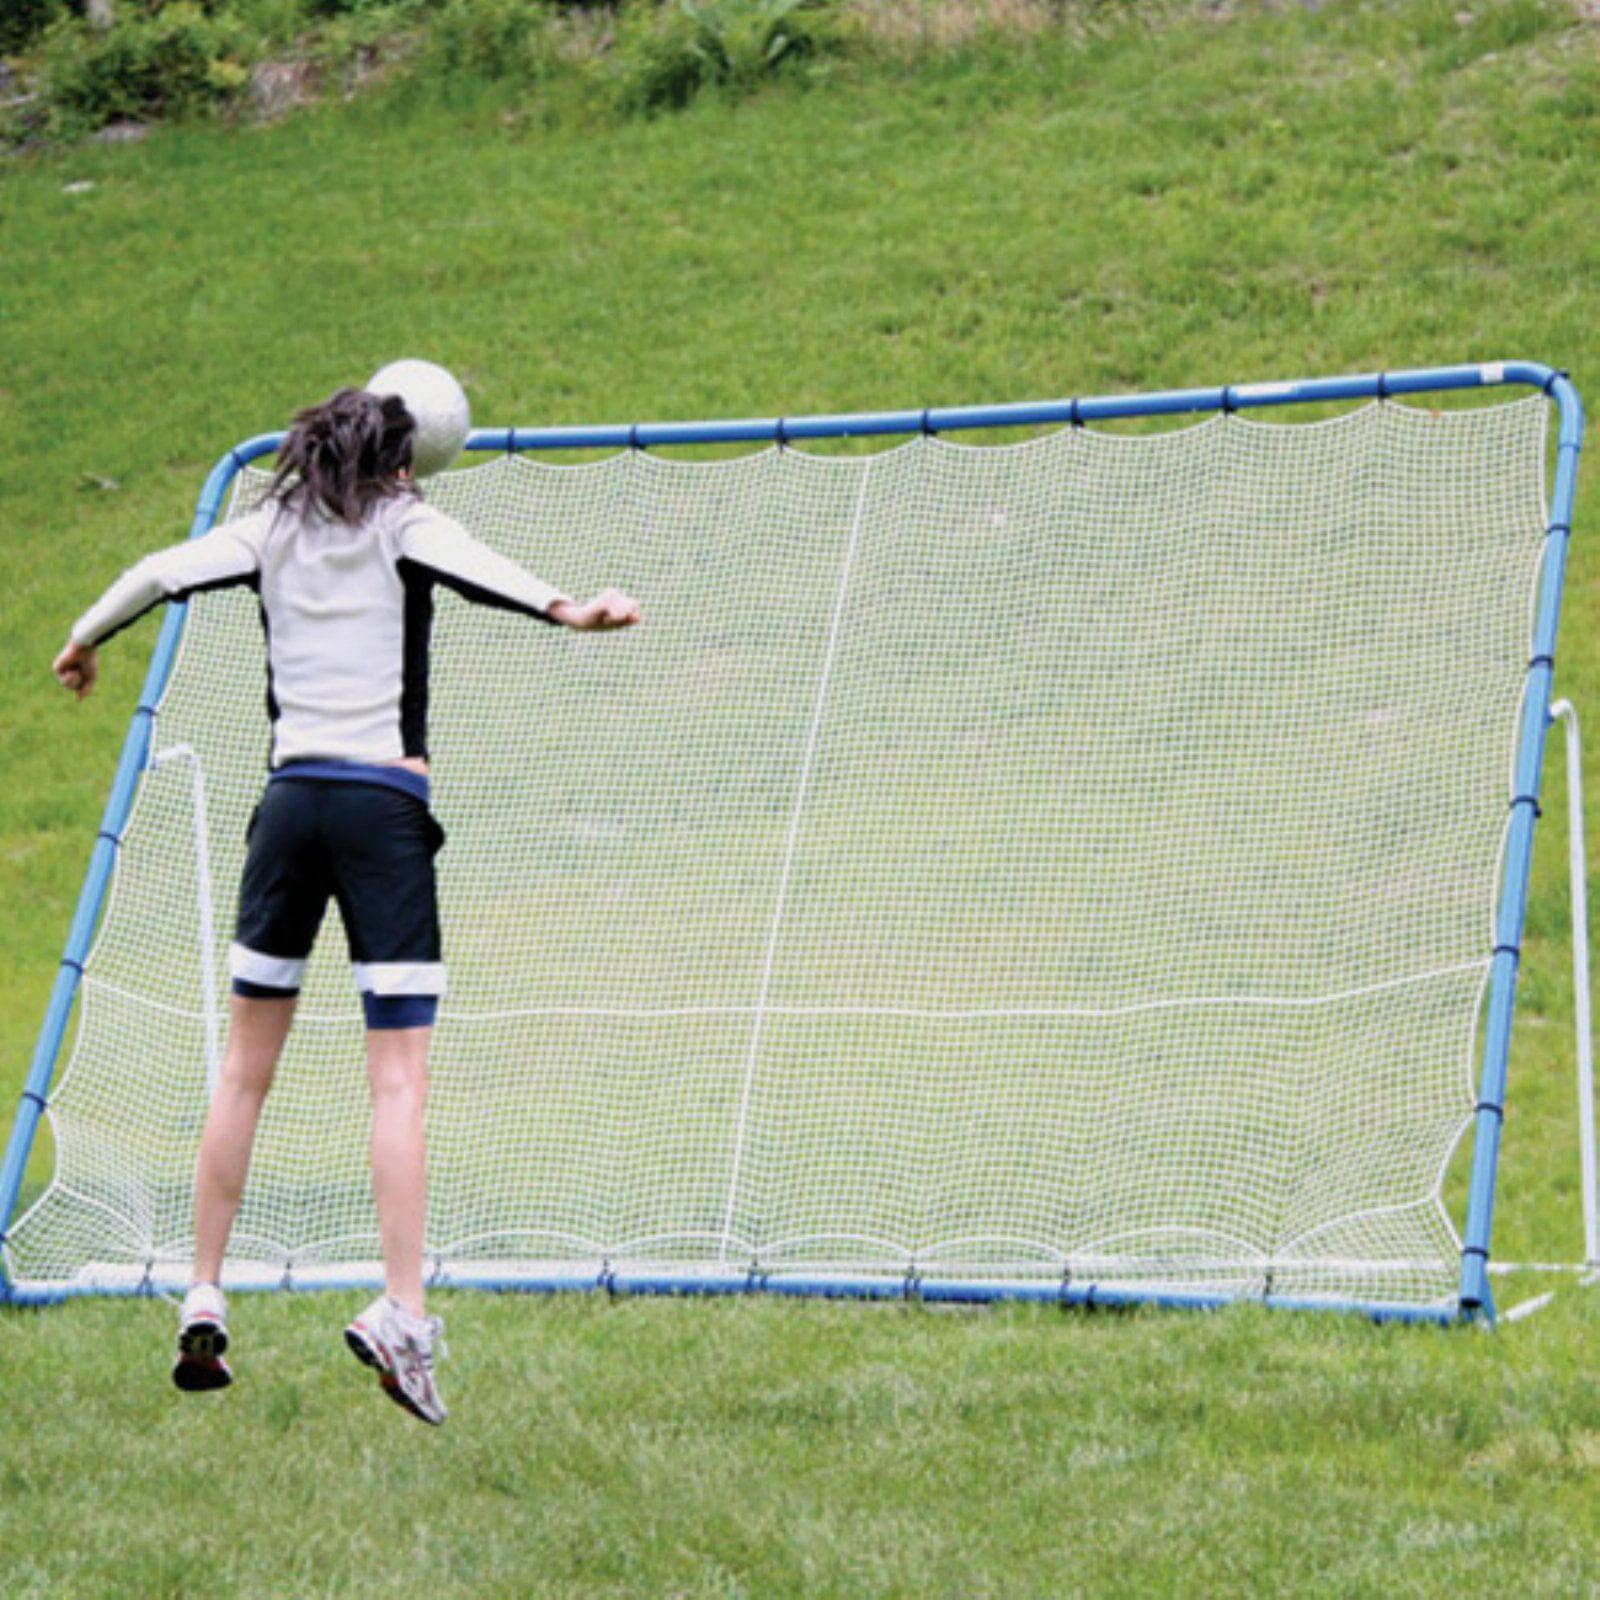 EZgoal Monster 12' x 6' 6-In-1 Pro Multi-Sport Goal